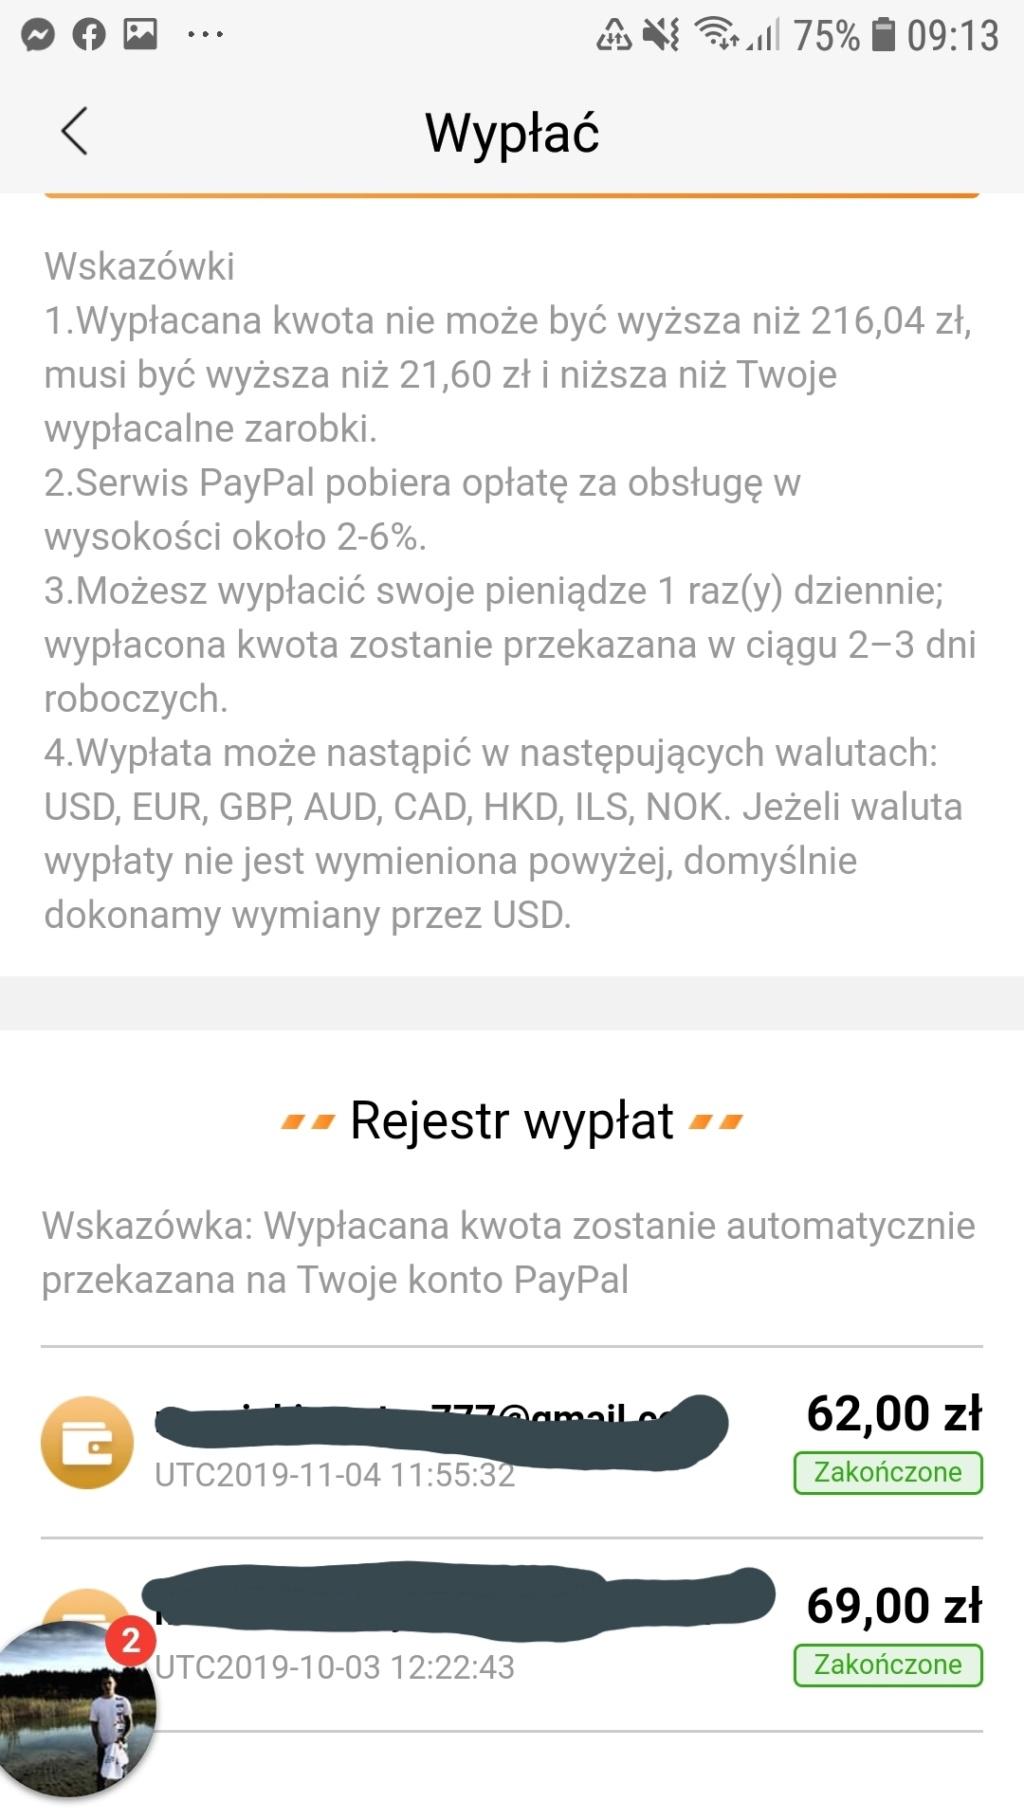 Vova - darmowe 10 zł za rejestrację! Screen55